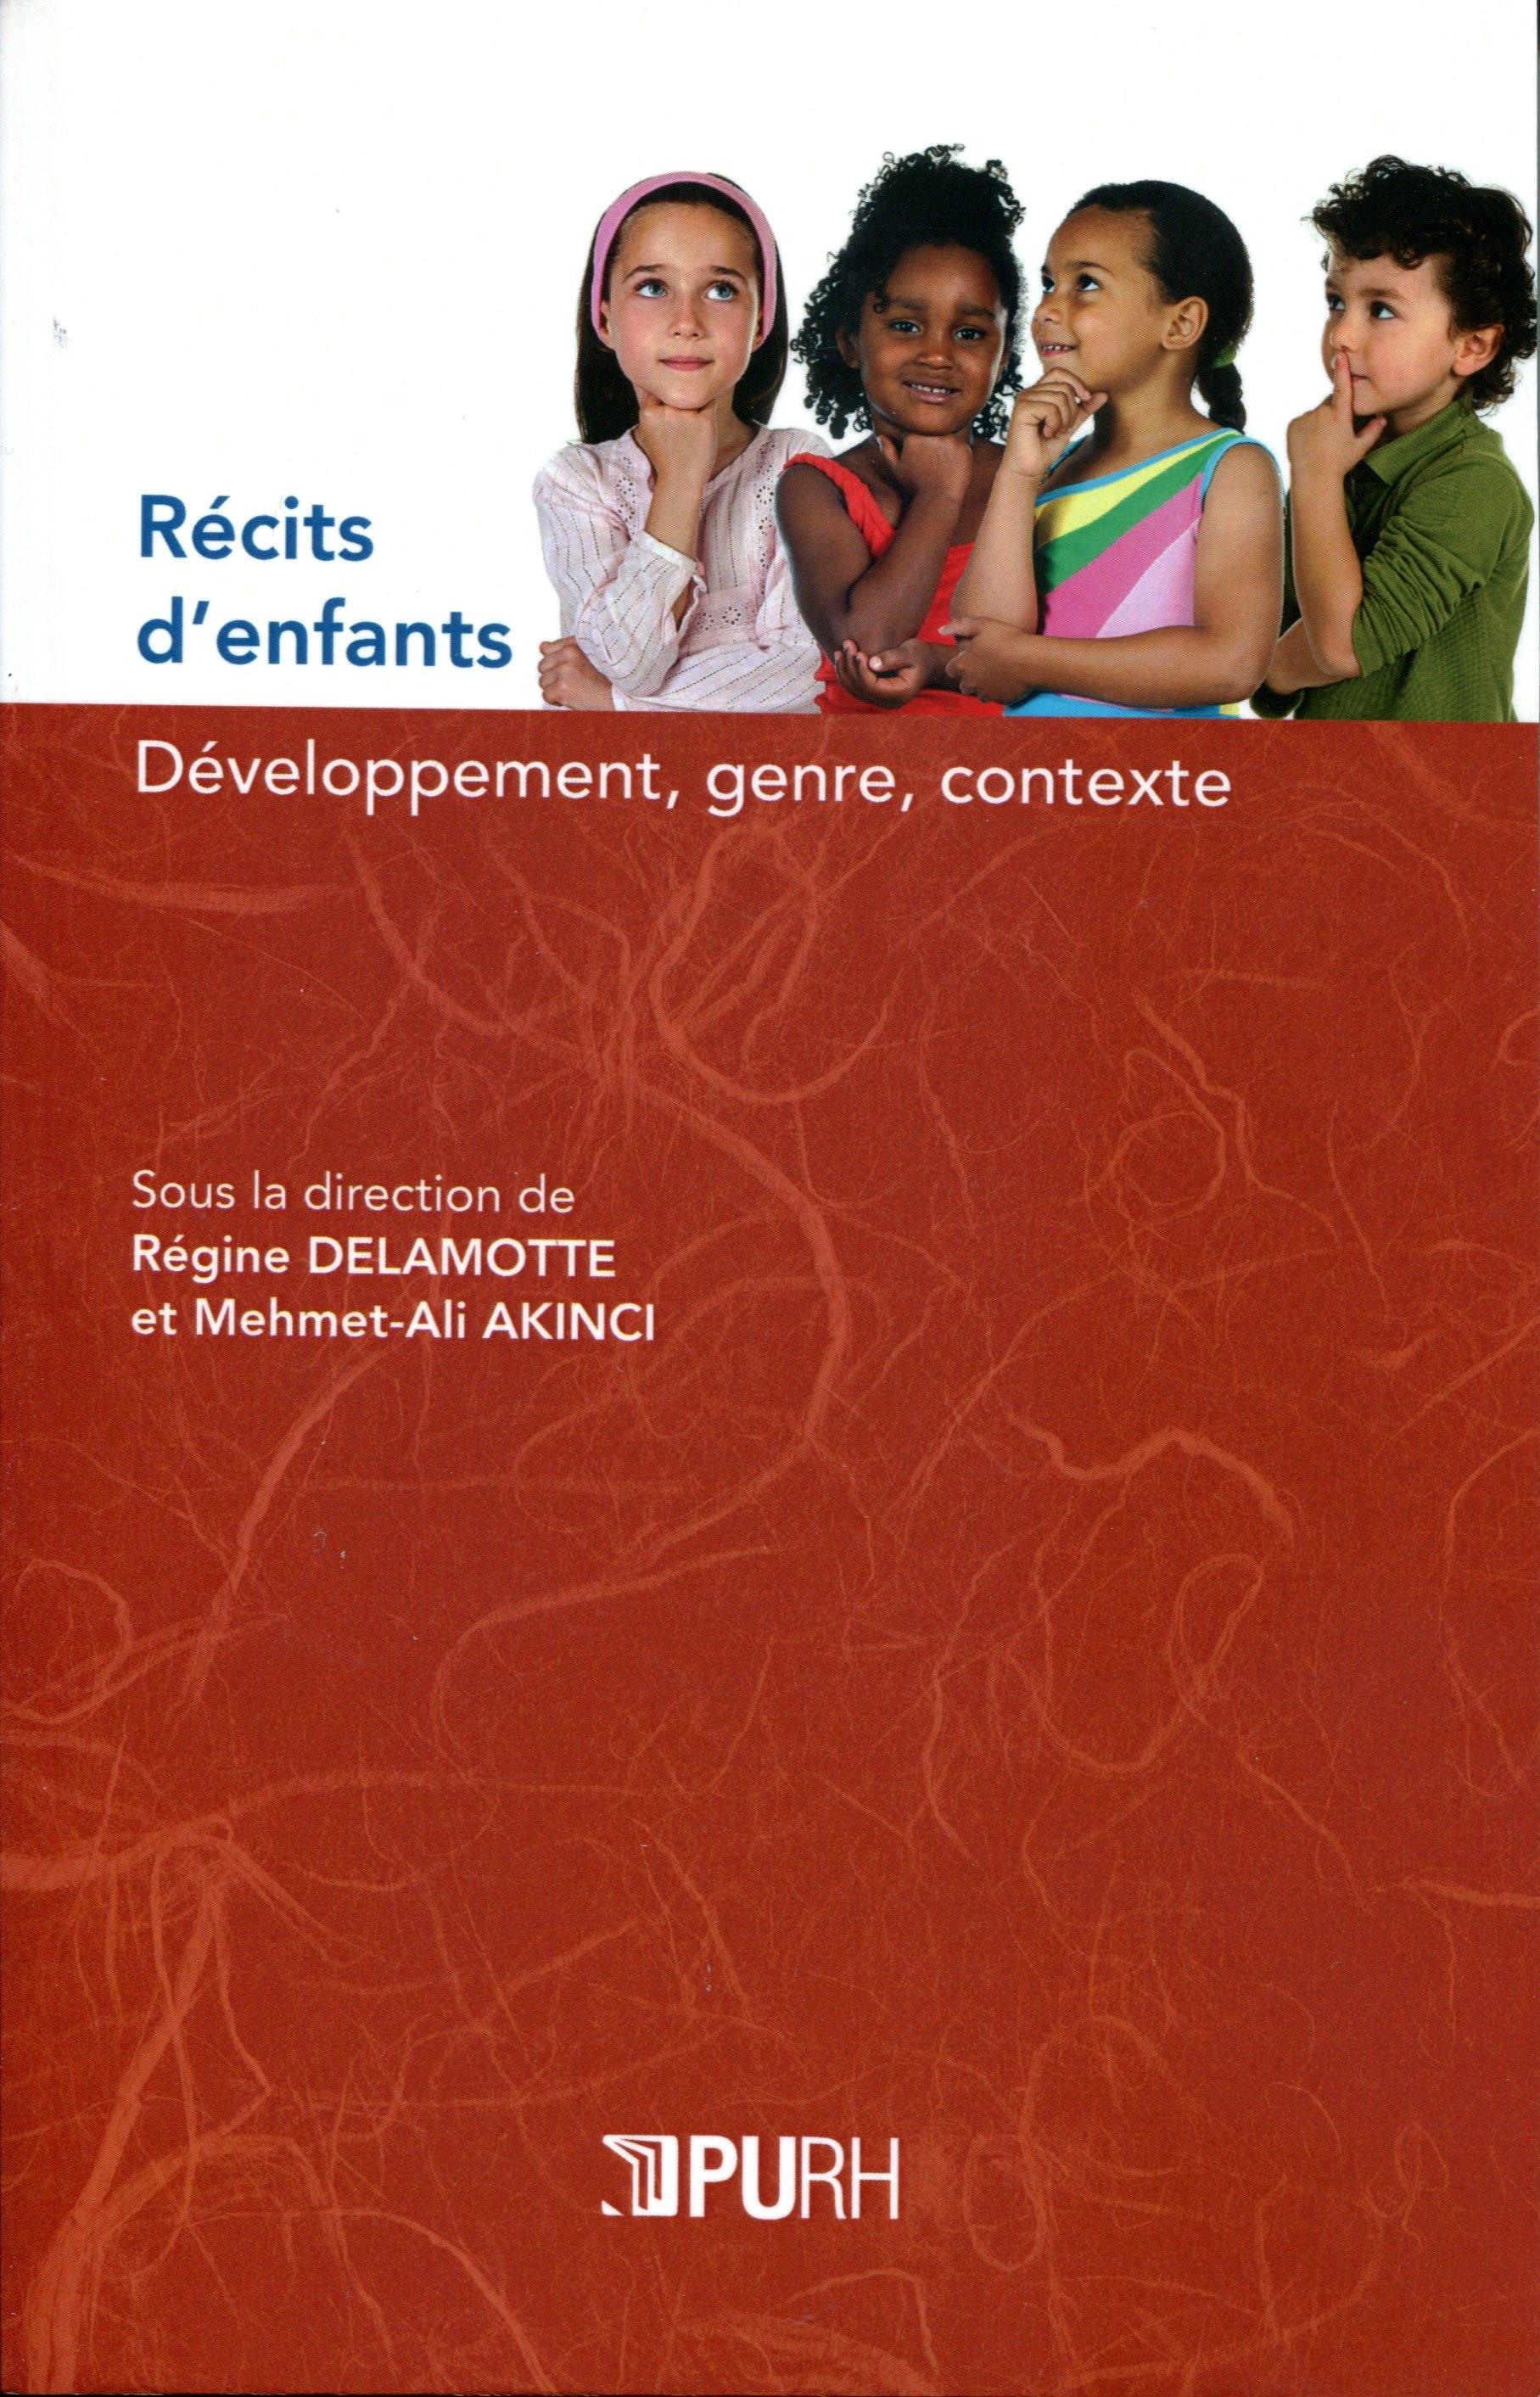 Recits d'enfants - developpement, genre, contexte